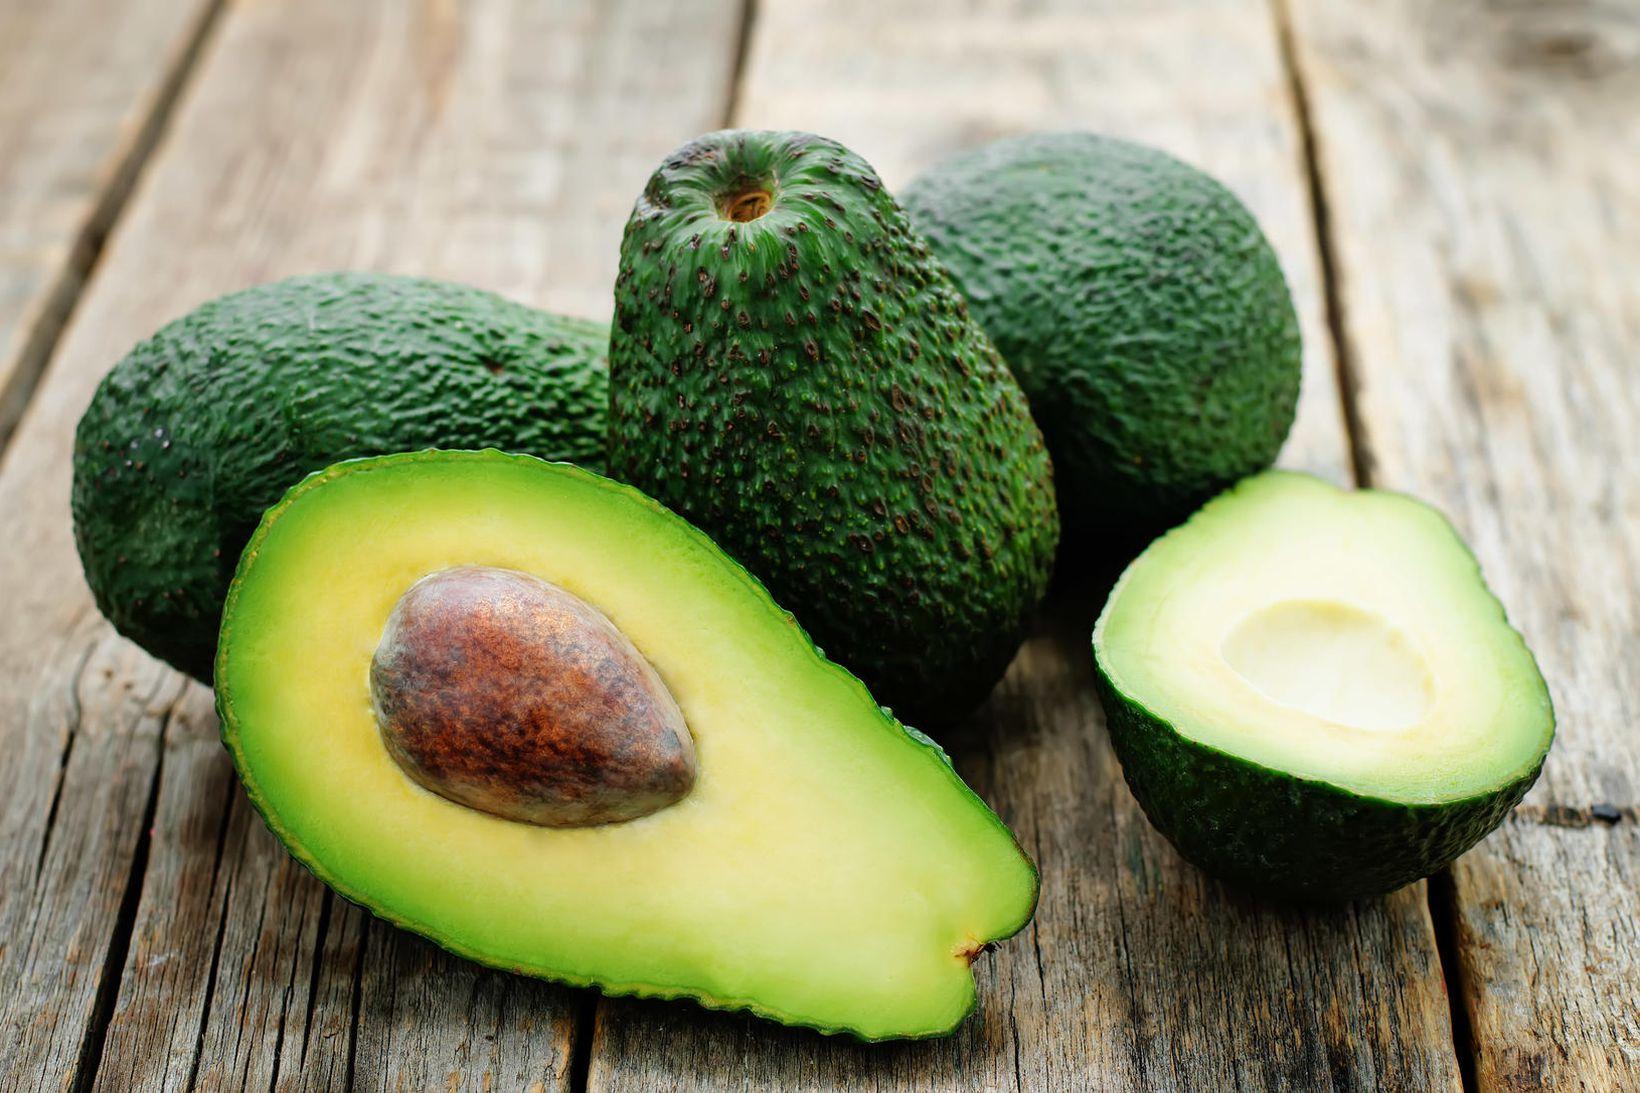 Avocado er dásamlegur ávöxtur og fullur af góðum næringarefnum fyrir …